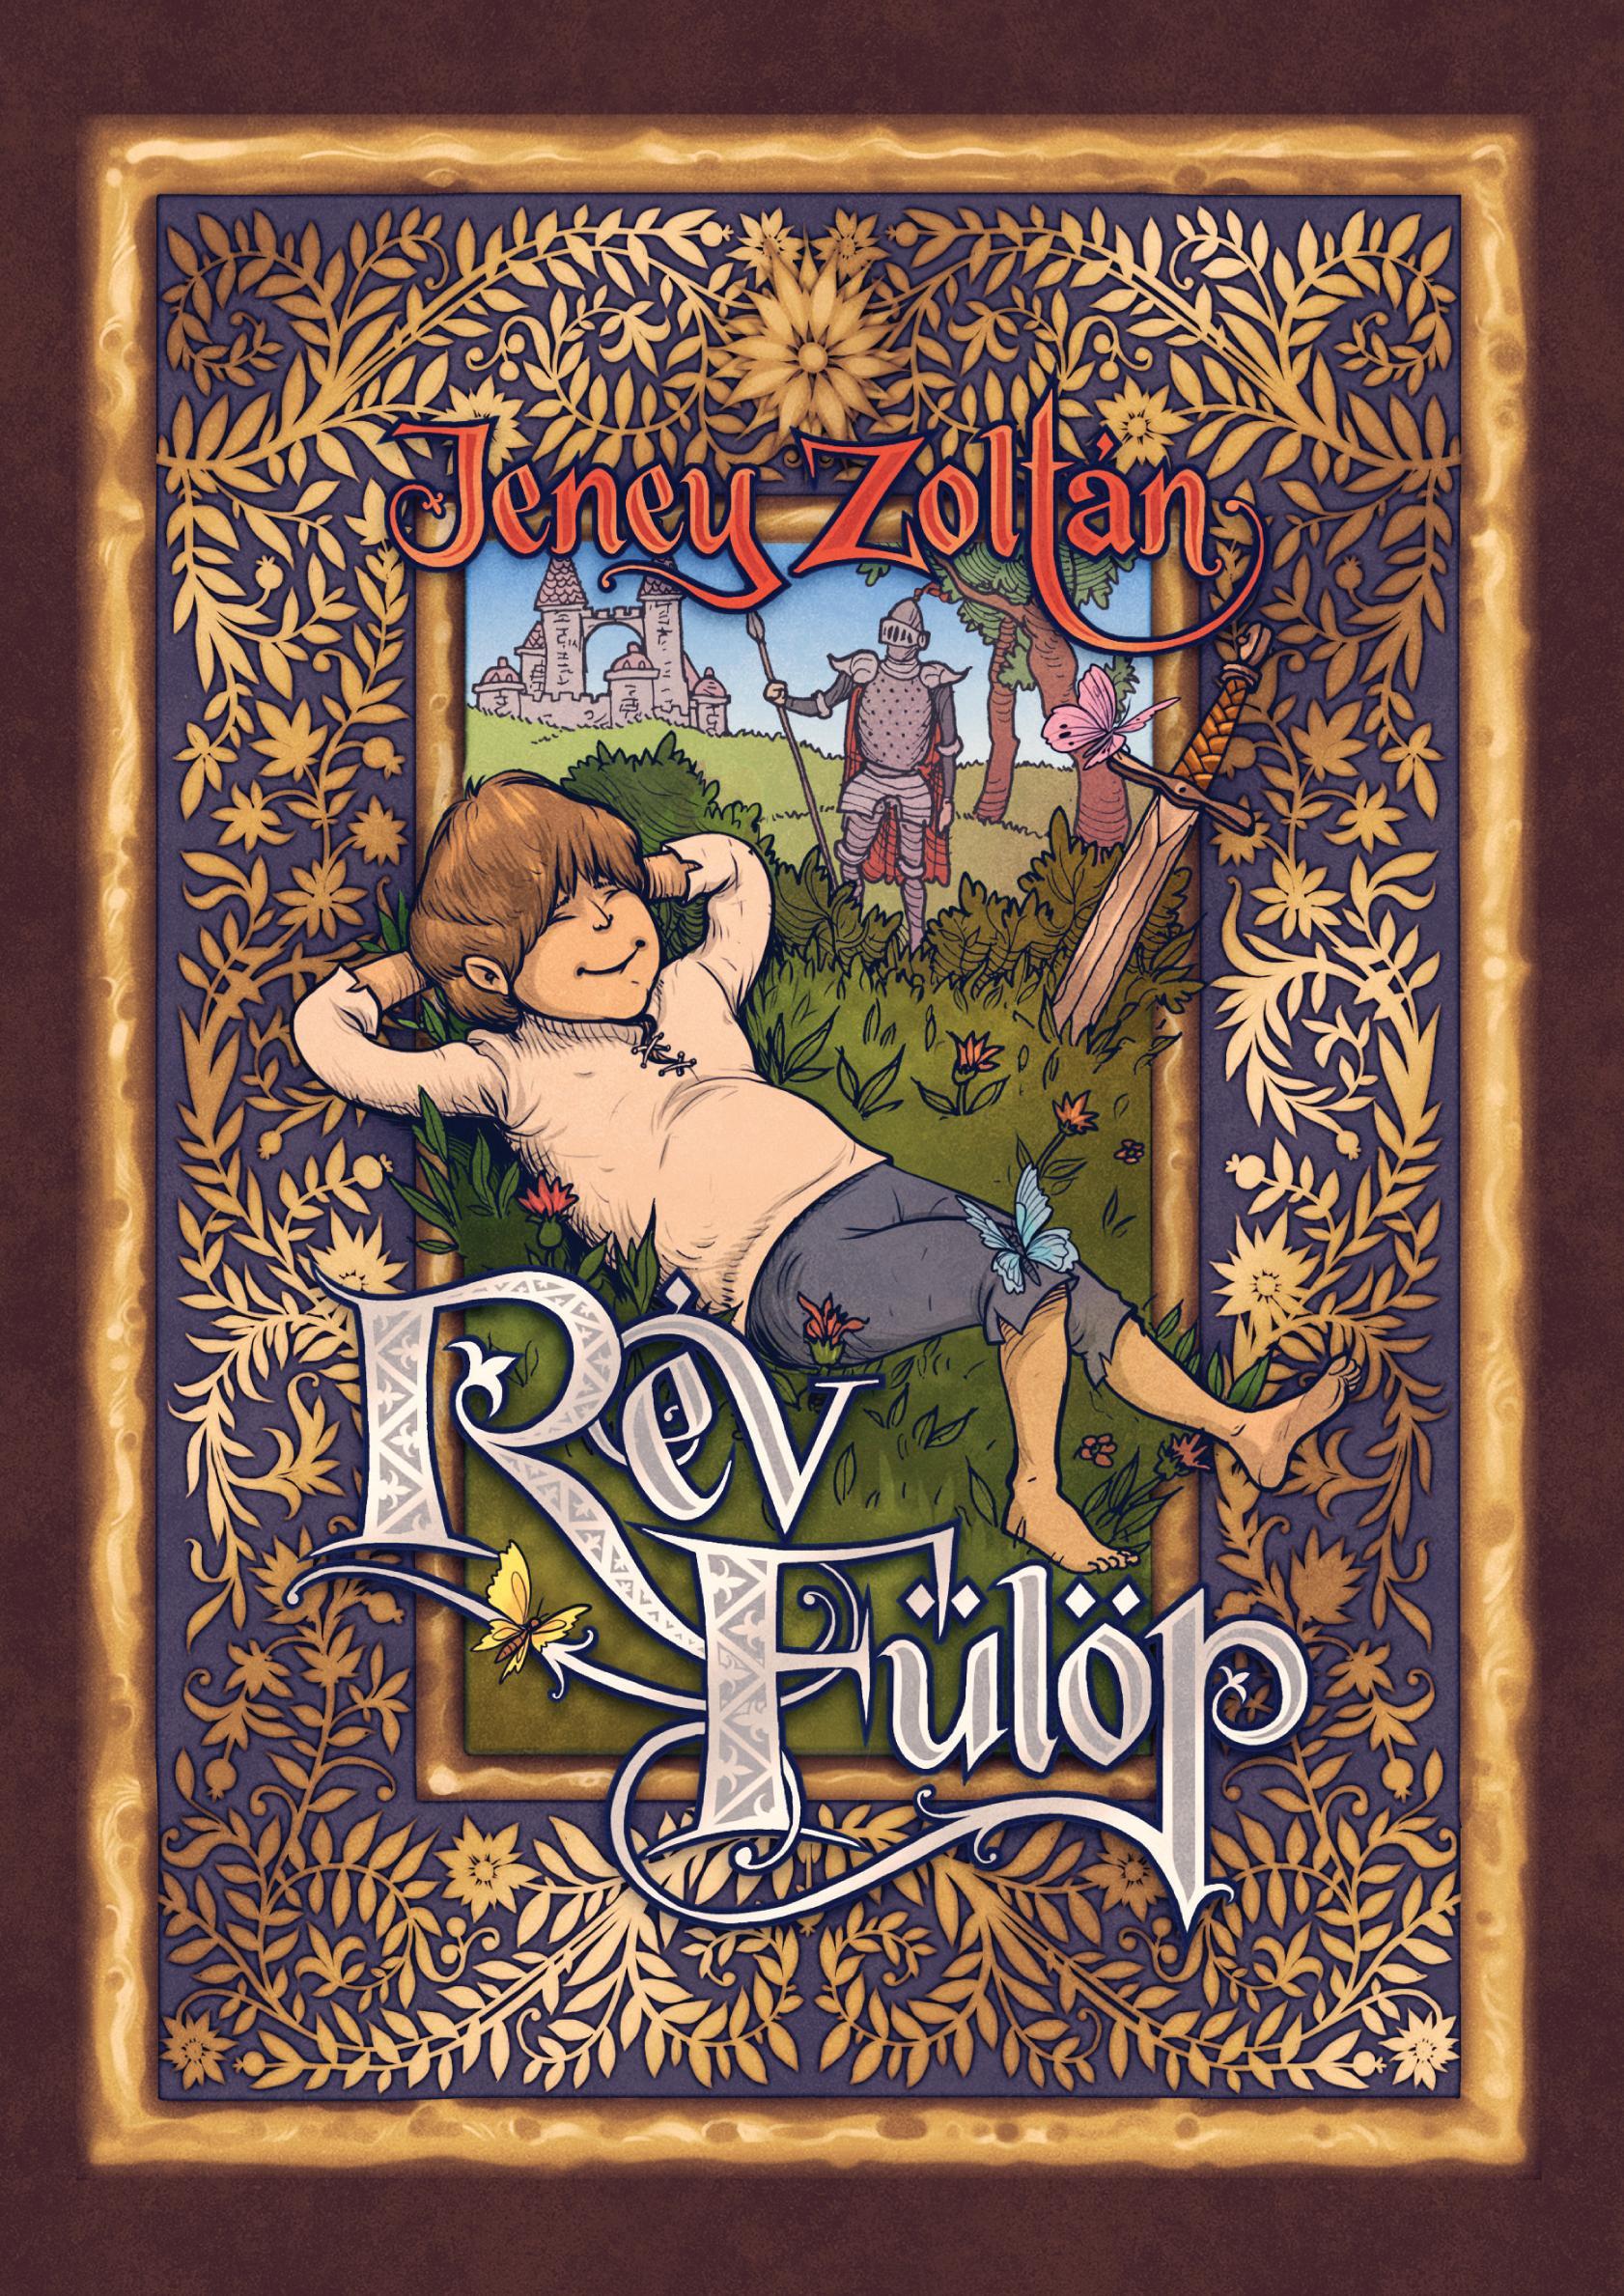 Rév Fülöp - Jeney Zoltán |